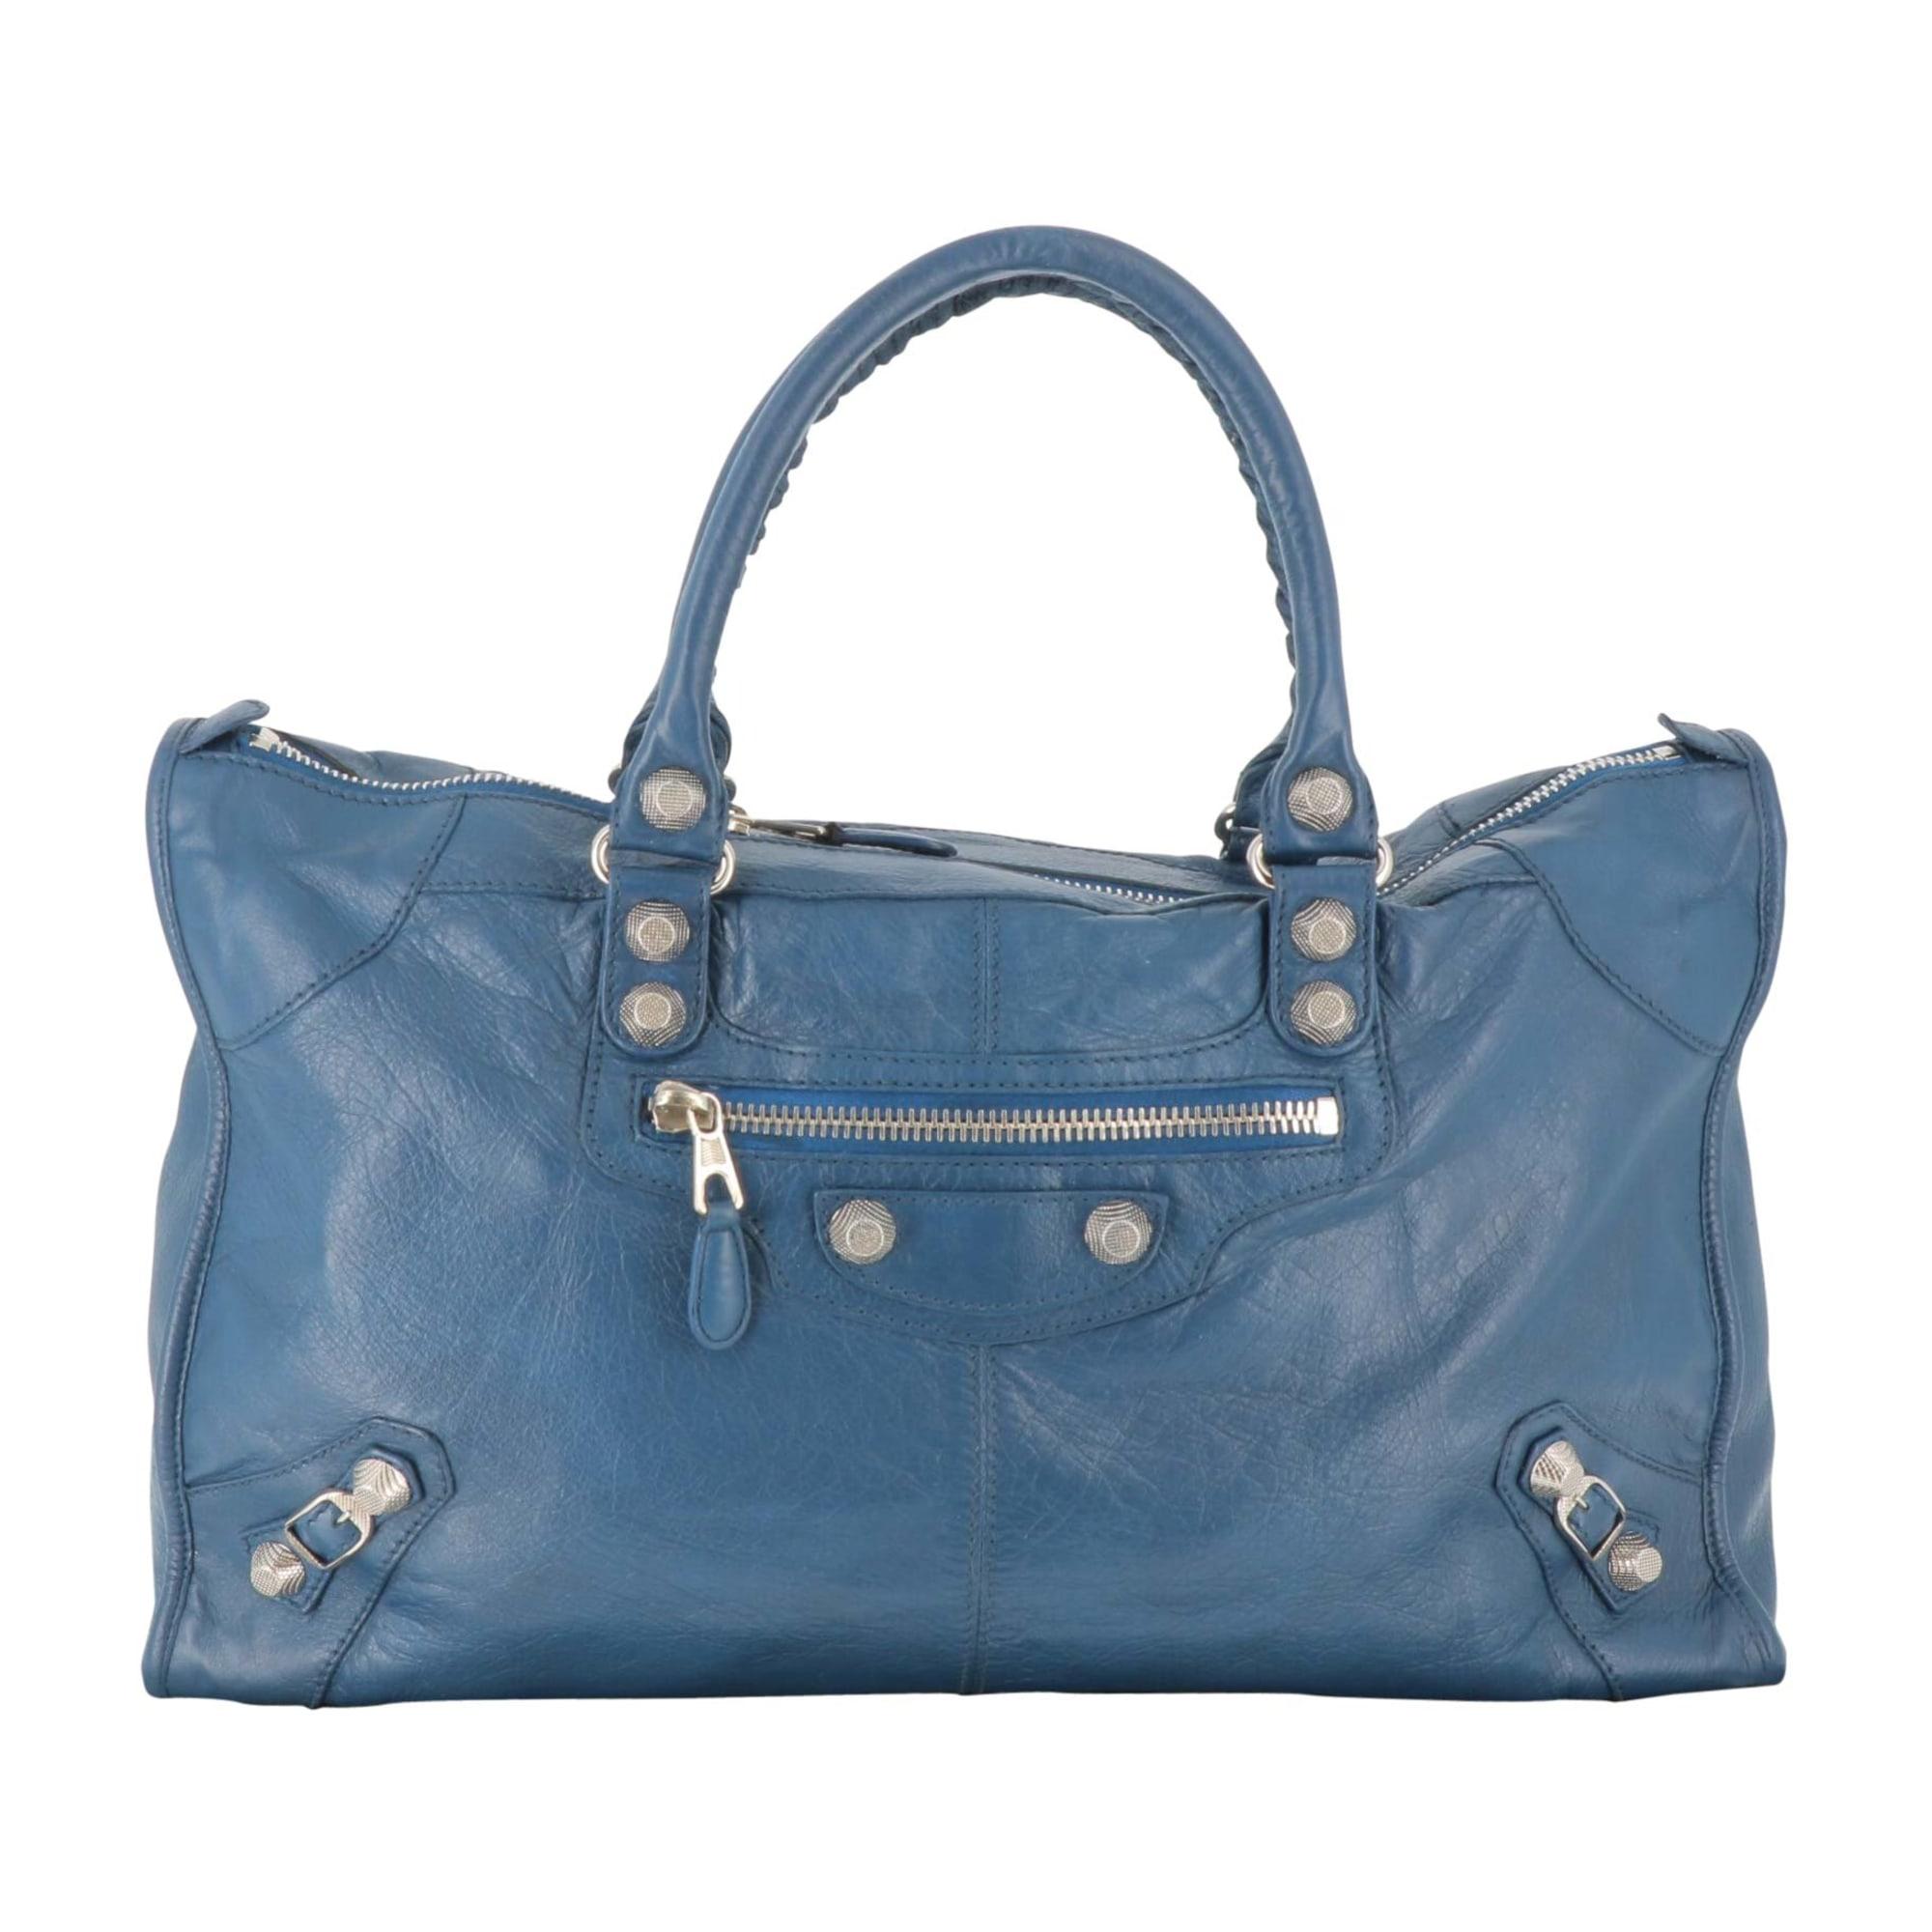 Lederhandtasche BALENCIAGA Blau, marineblau, türkisblau